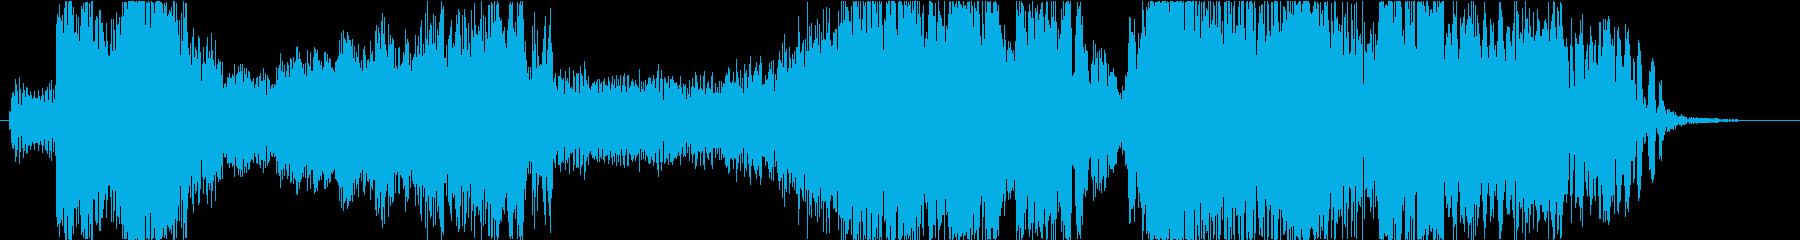 タイピング音を取り入れたジングルの再生済みの波形